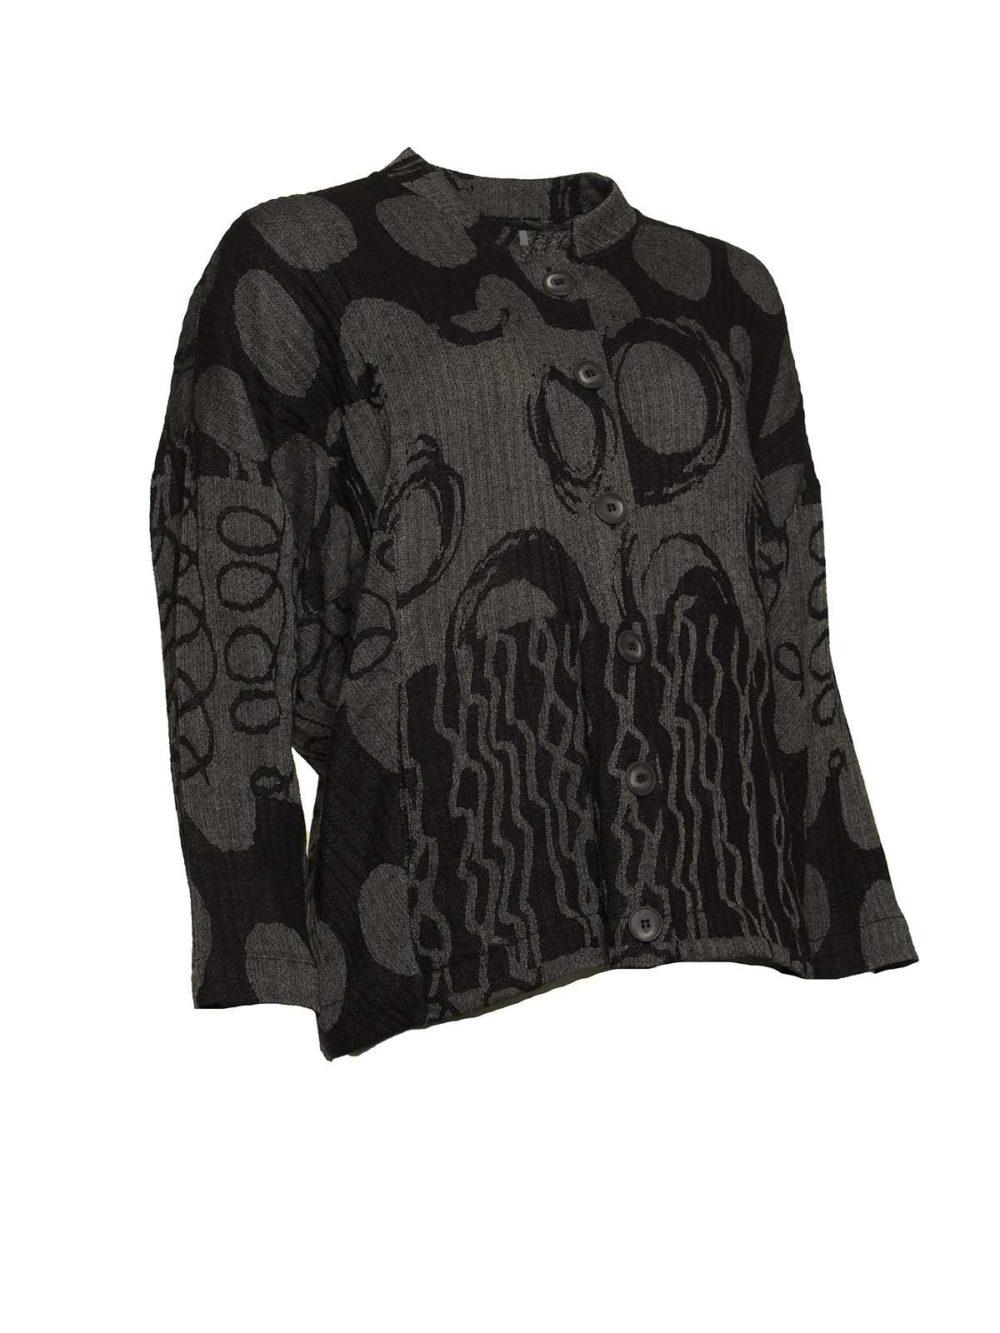 Abstract Jacquard Jacket Sahara Women's Clothing Women's Jackets